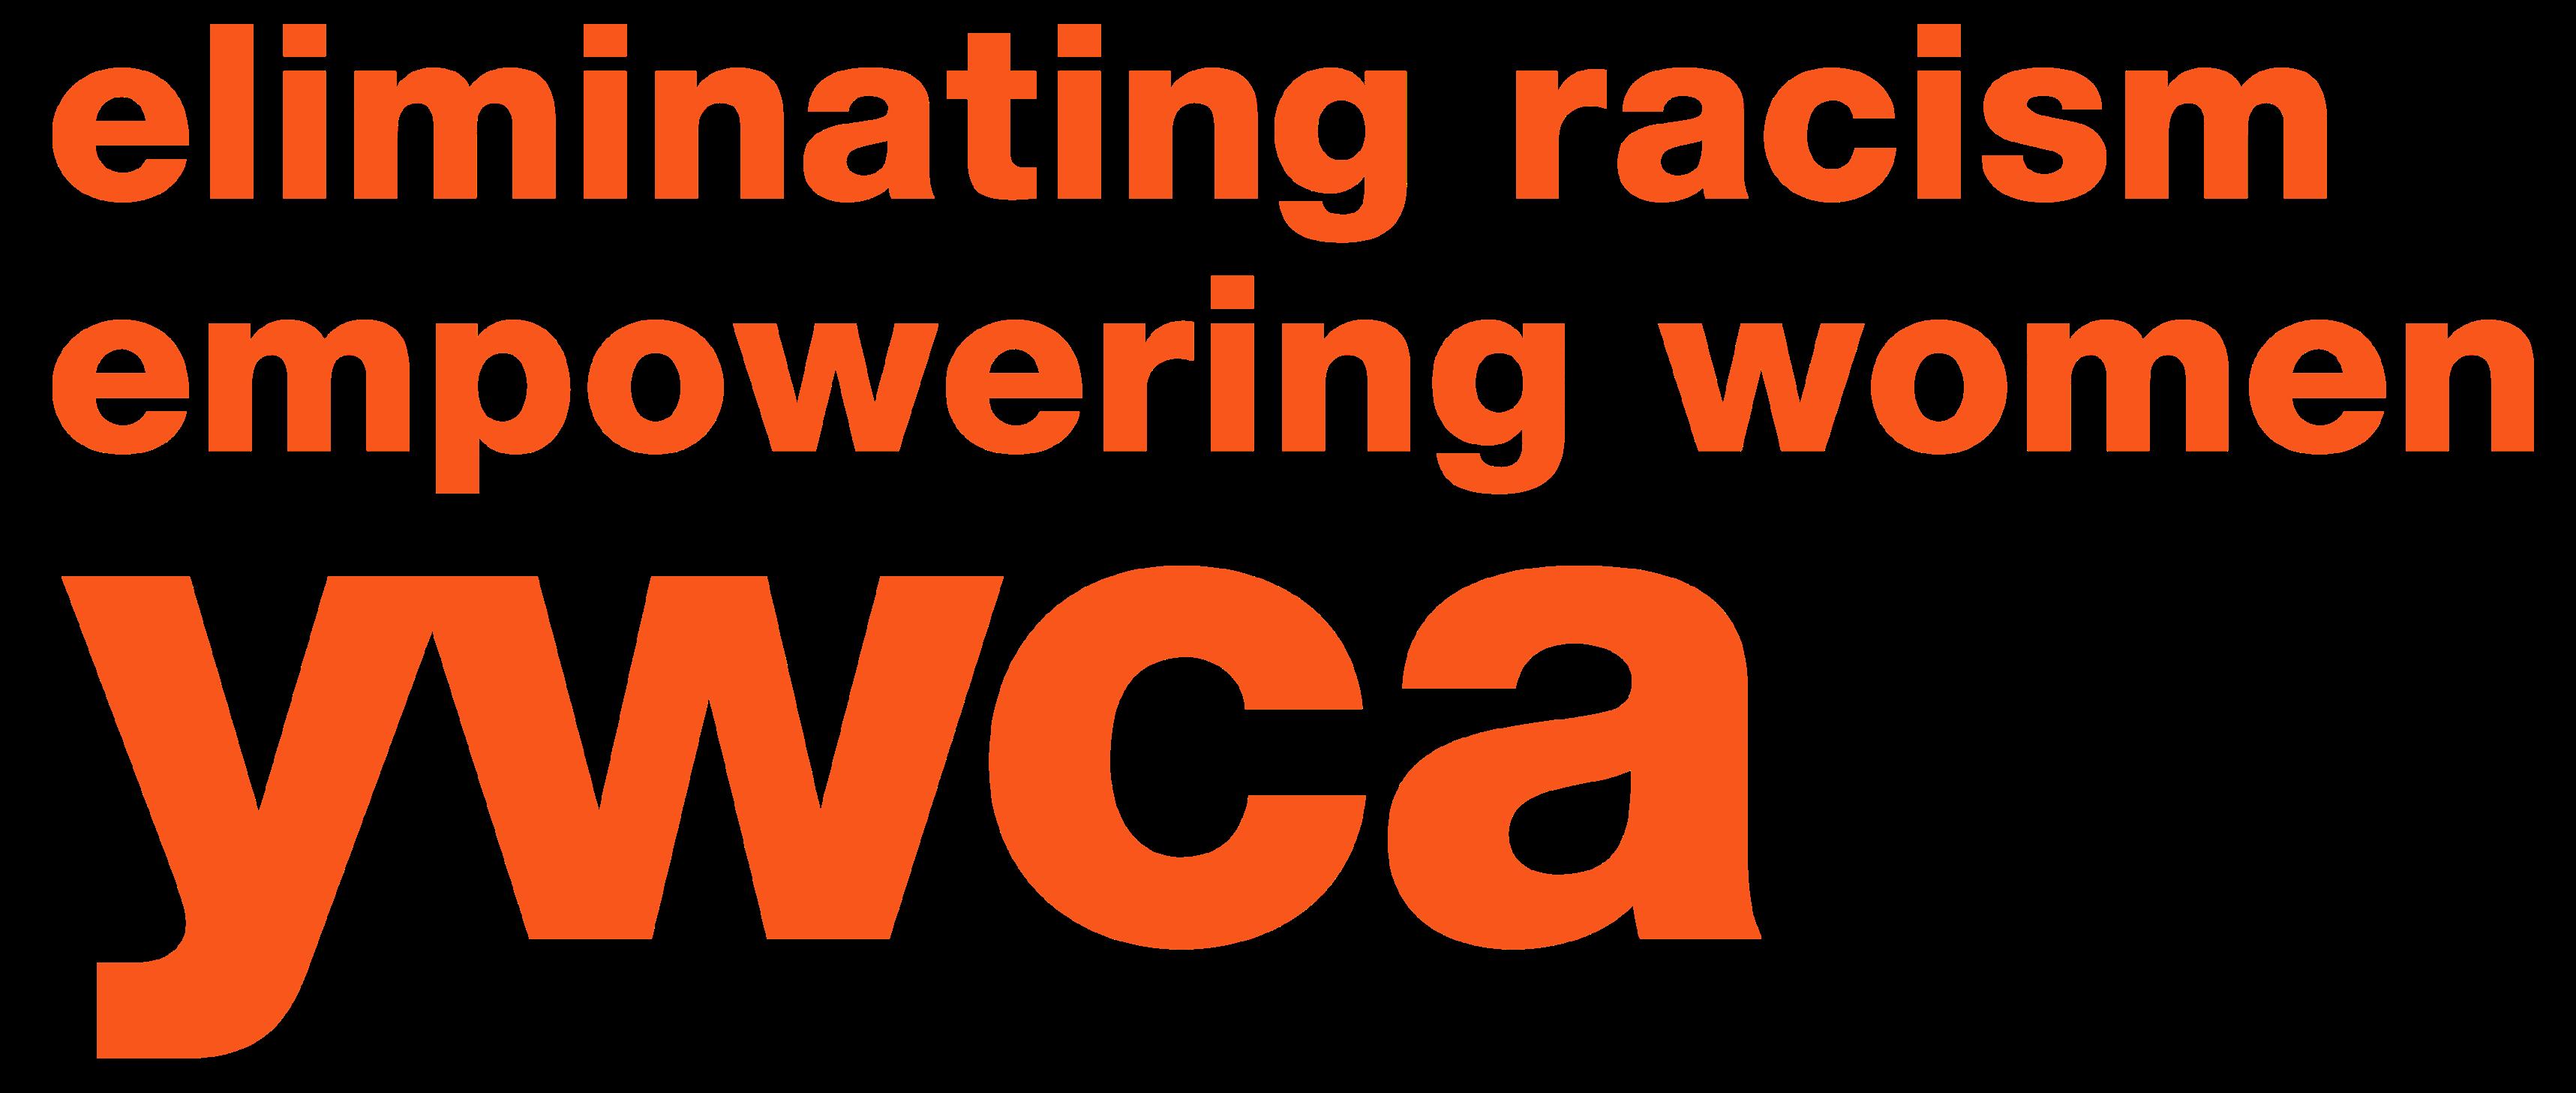 YWCA logo, logotype.